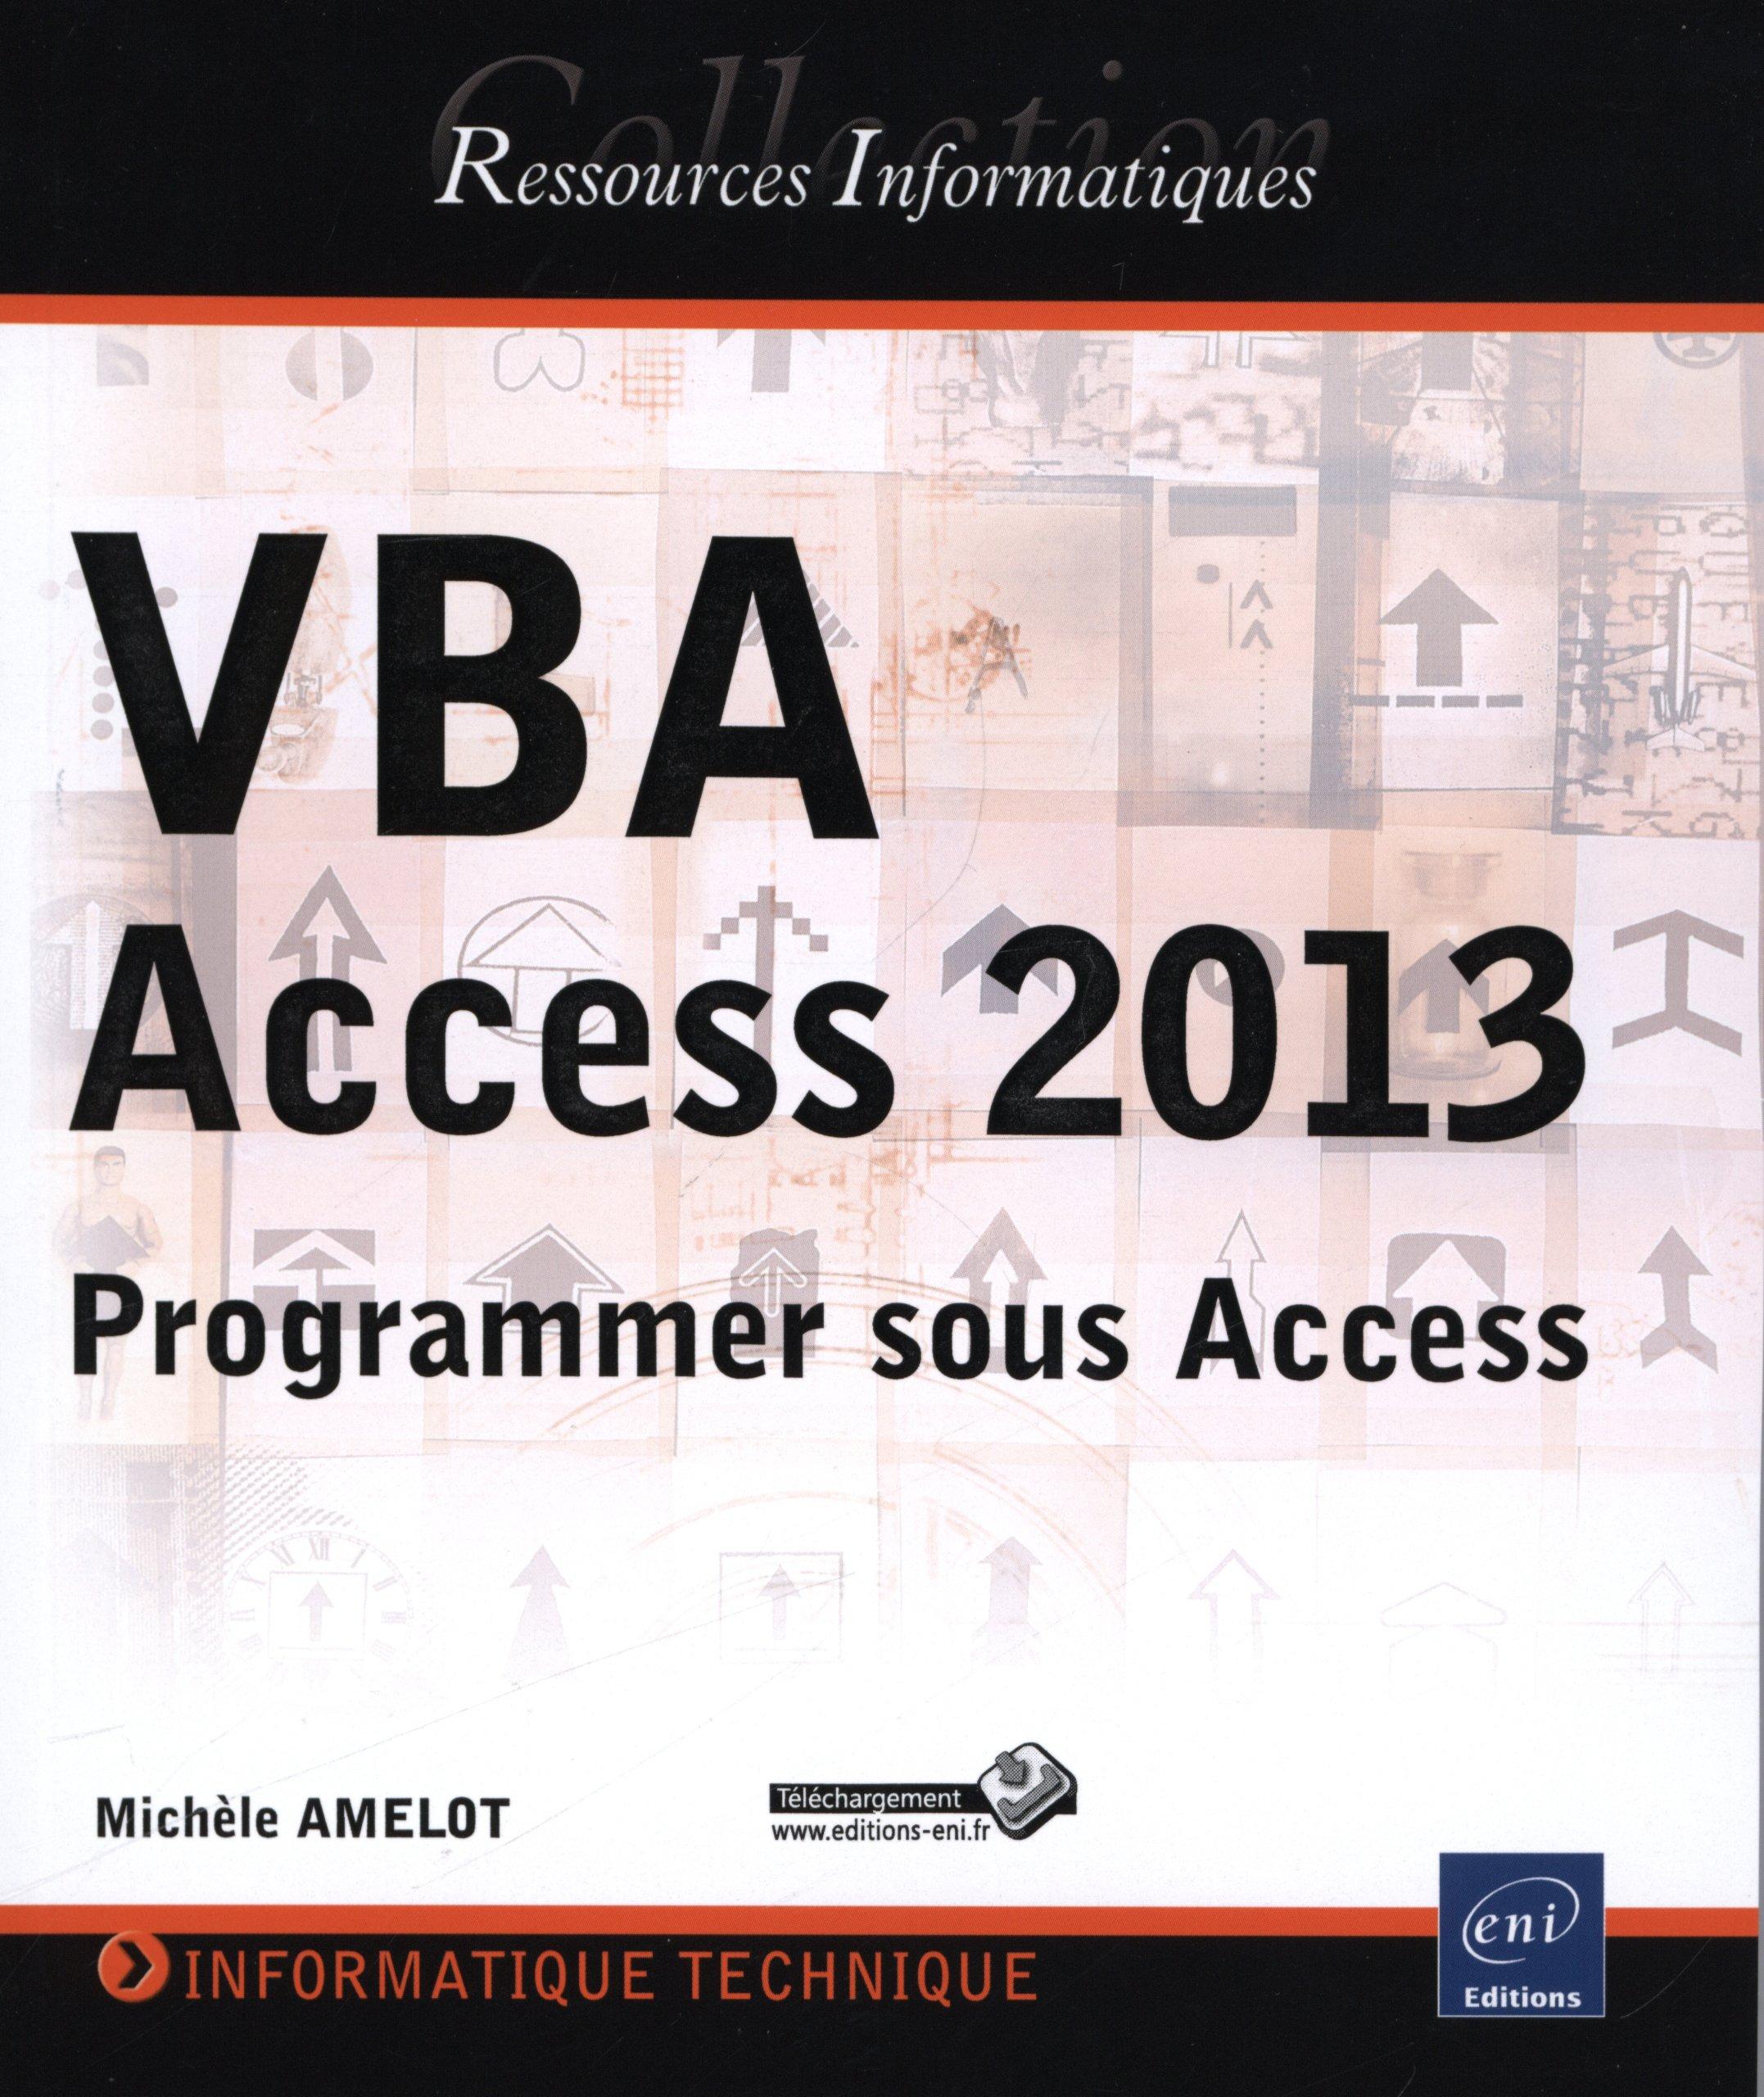 VBA Access 2013 - Programmer sous Access Broché – 10 juillet 2013 Michèle AMELOT Eni 2746081911 Informatique